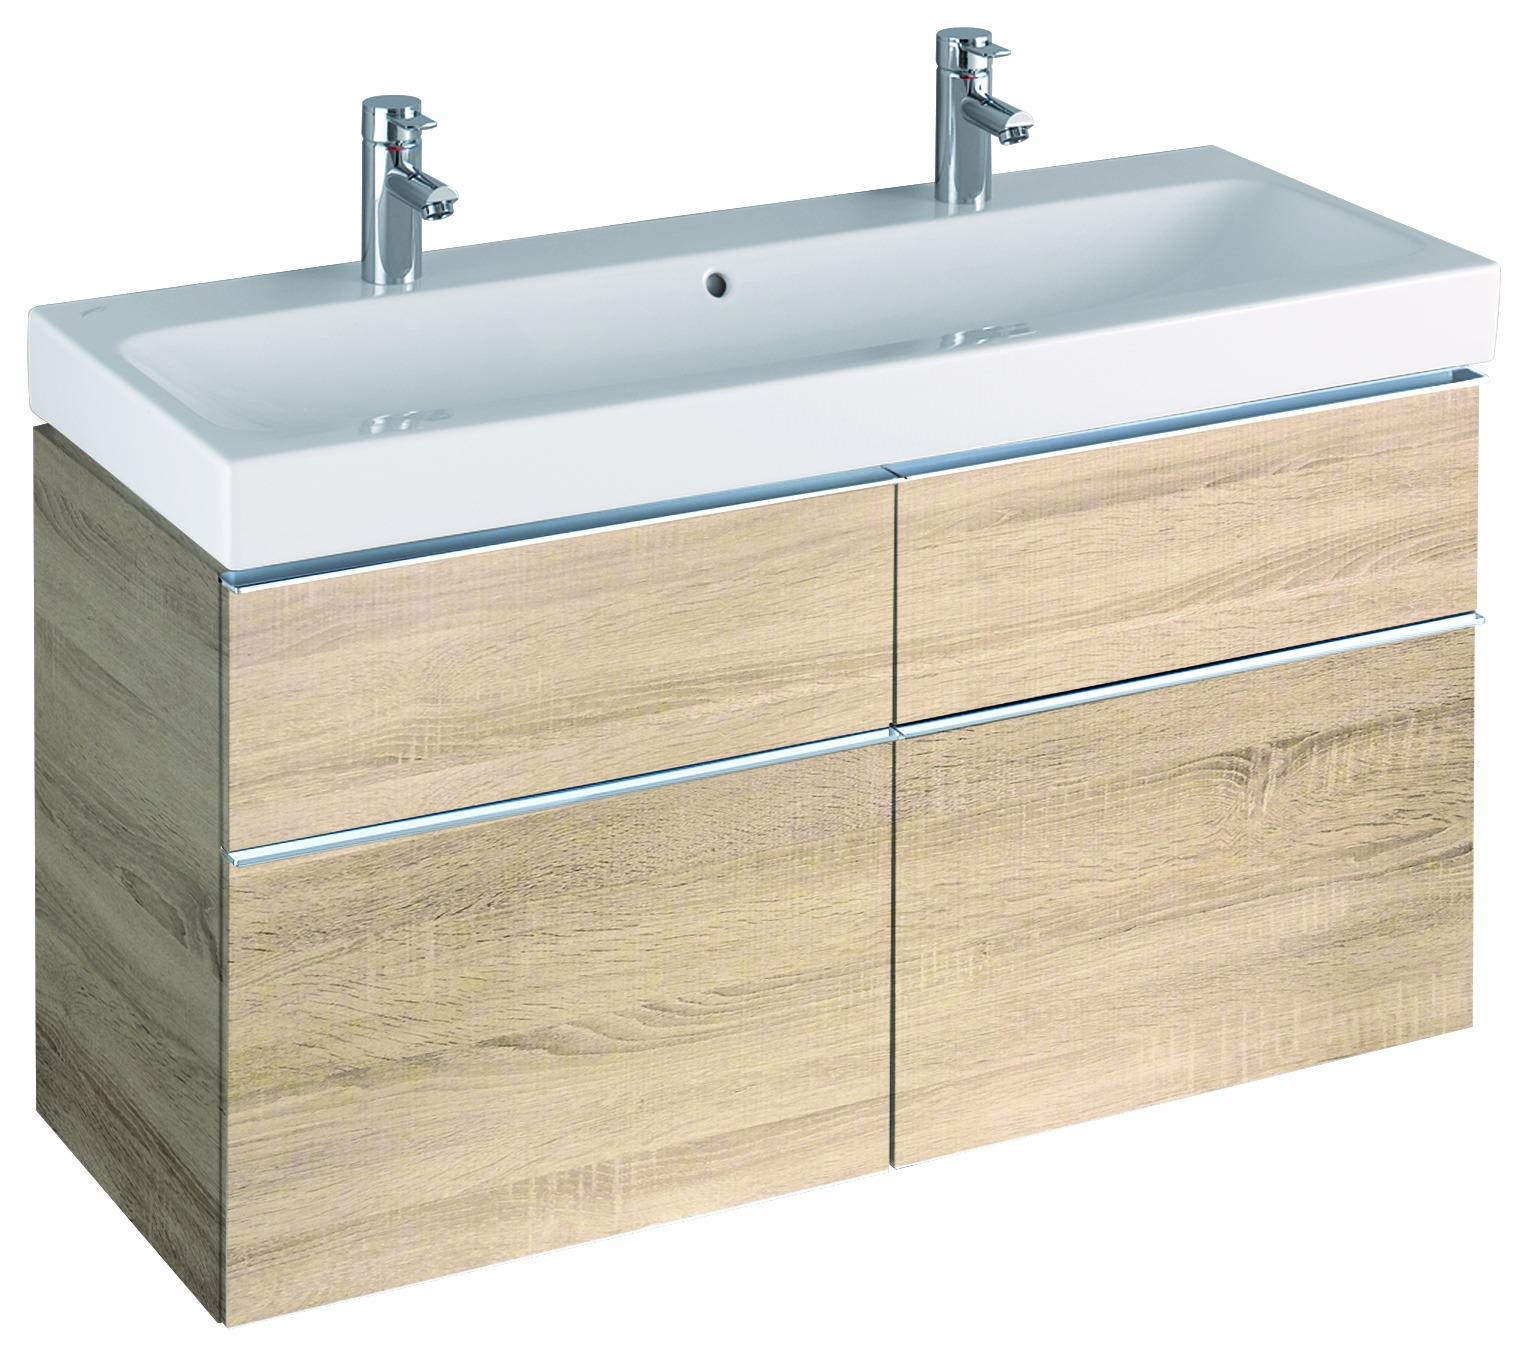 keramag icon waschtischunterschrank 1190x620x477mm holzstruktur eiche natur. Black Bedroom Furniture Sets. Home Design Ideas